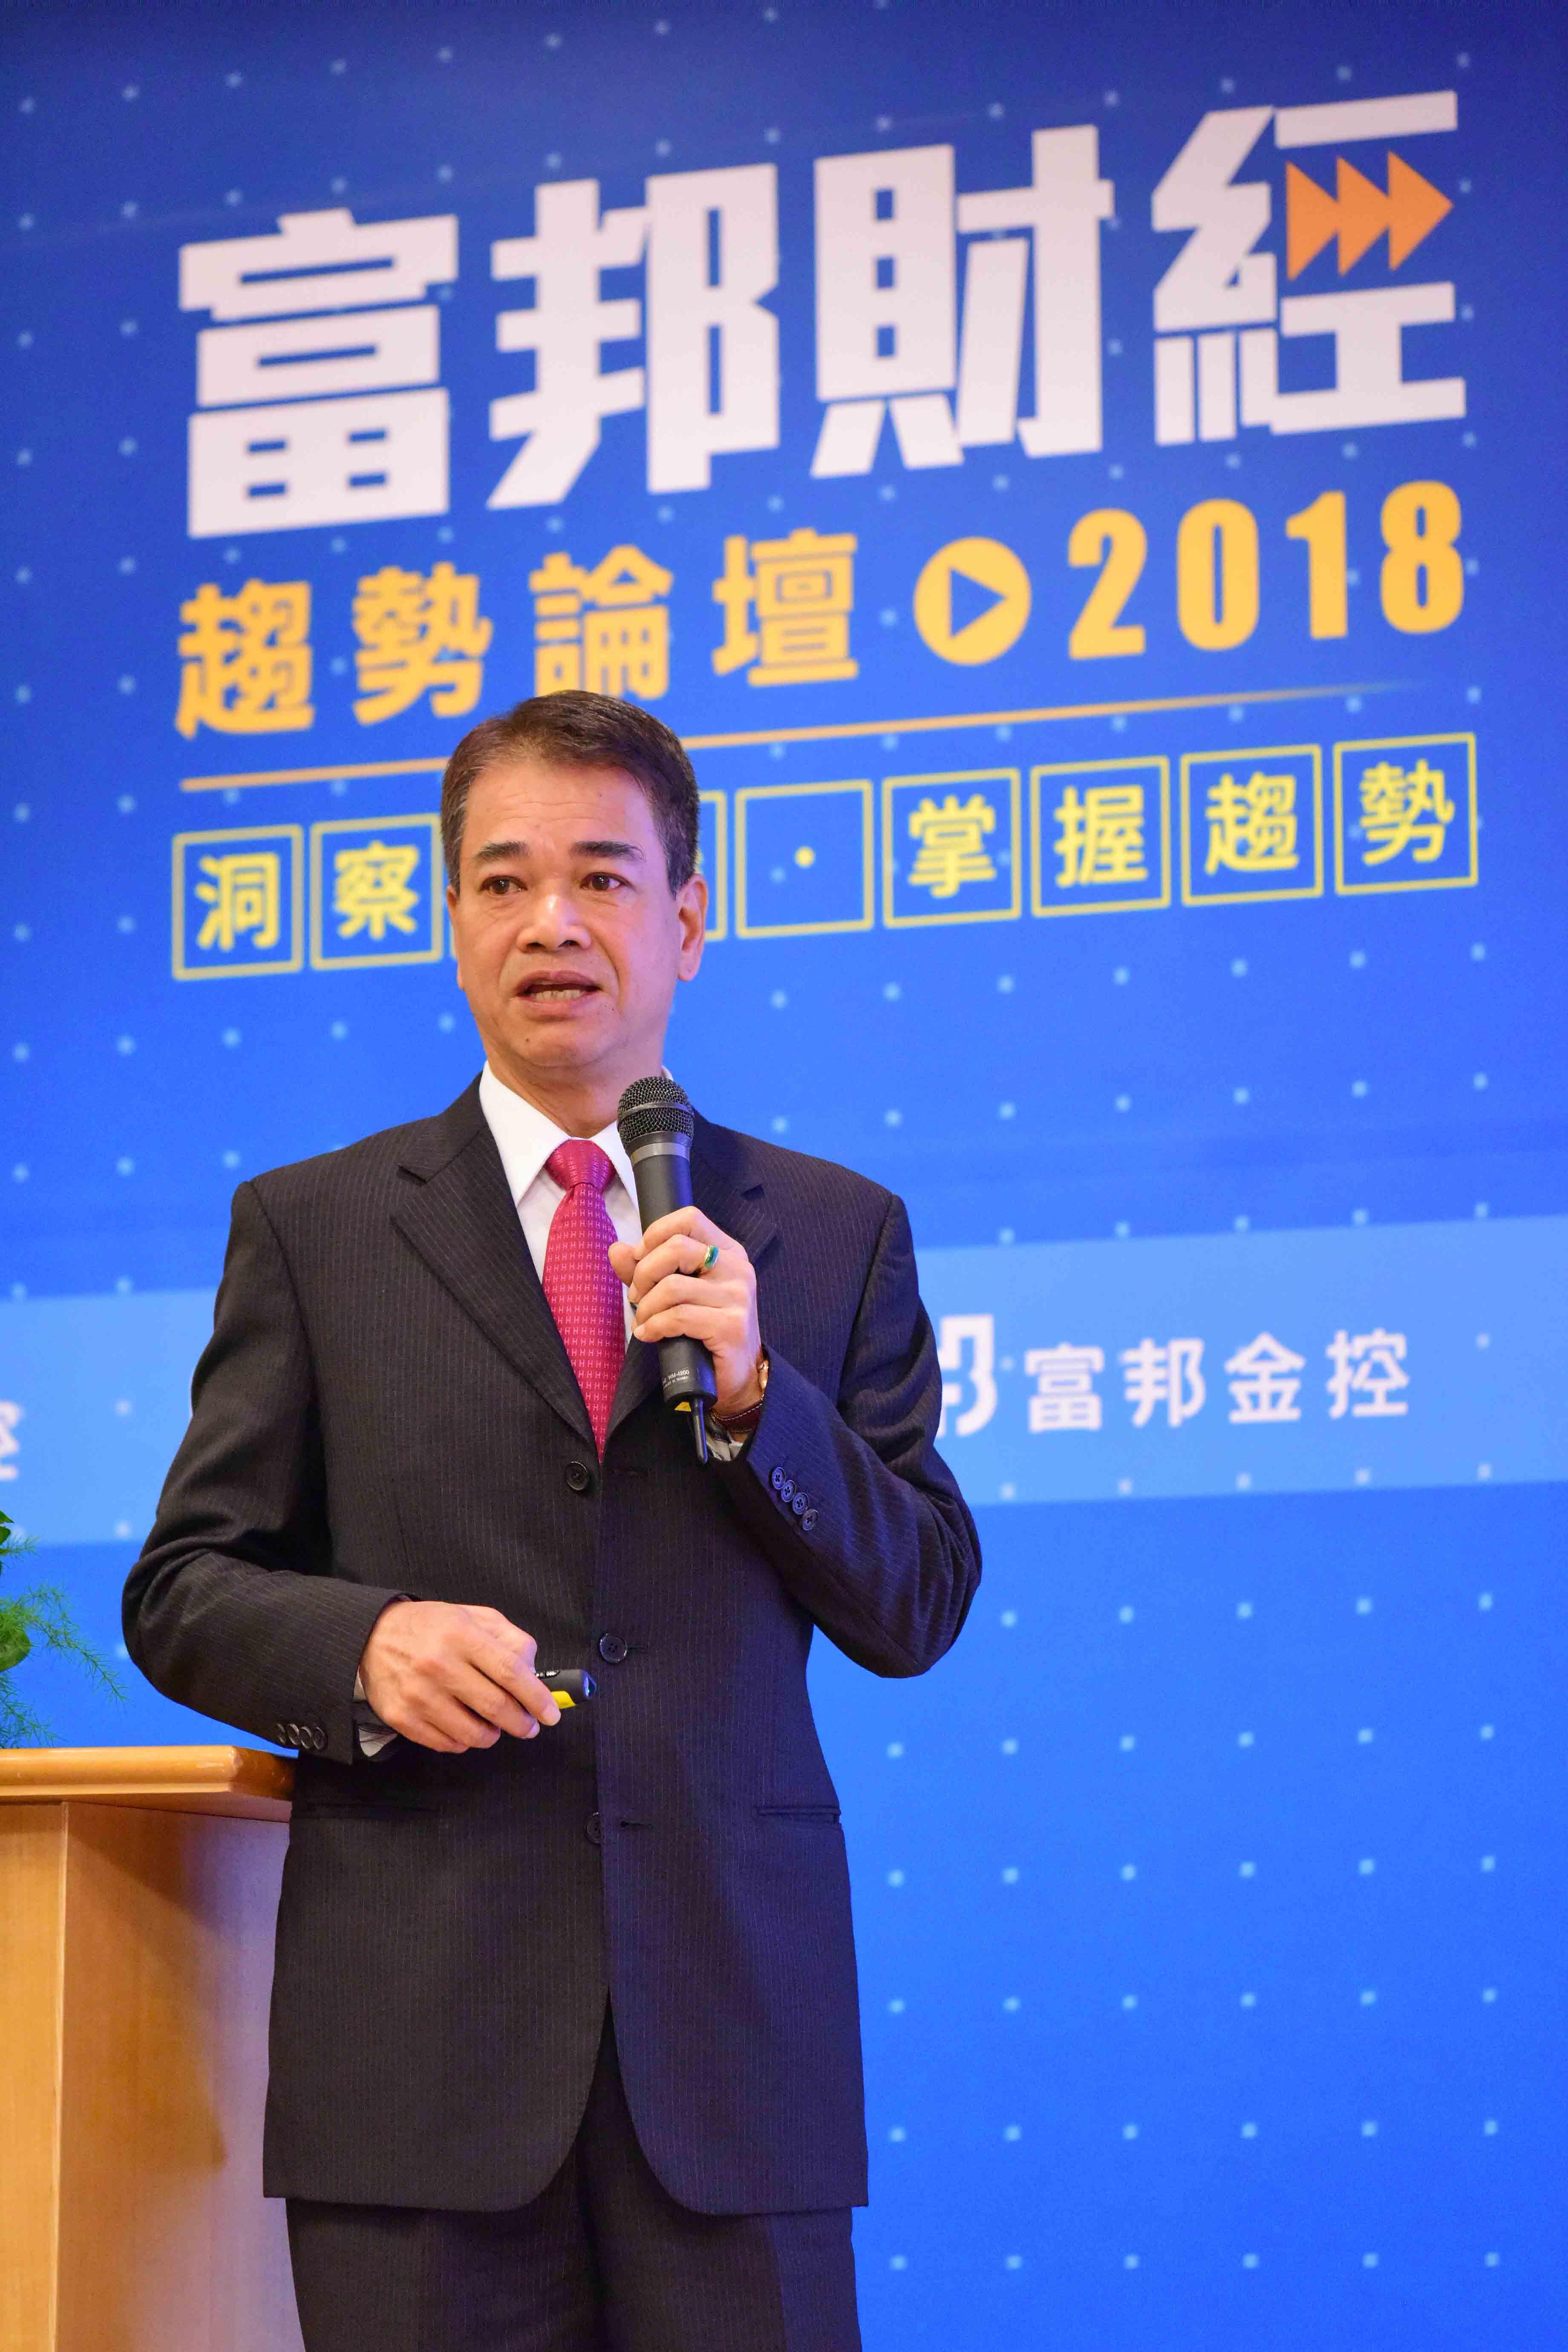 富邦投顧蕭乾祥總經理深入剖析『2018大中華投資策略』。(照片由富邦提供)